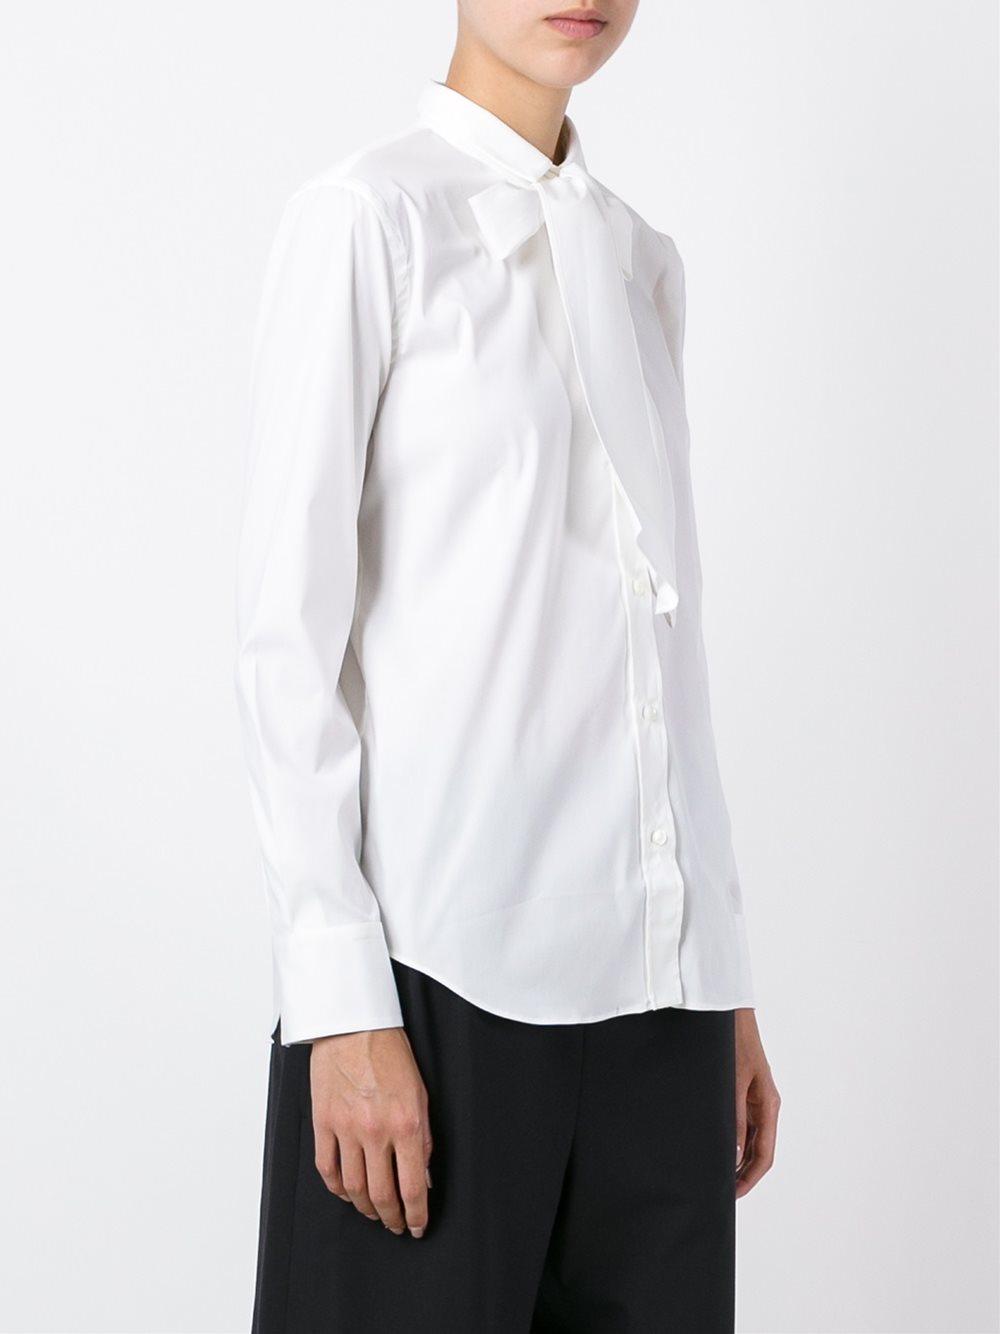 Brunello Cucinelli Bow Tie Collar Shirt In White Lyst